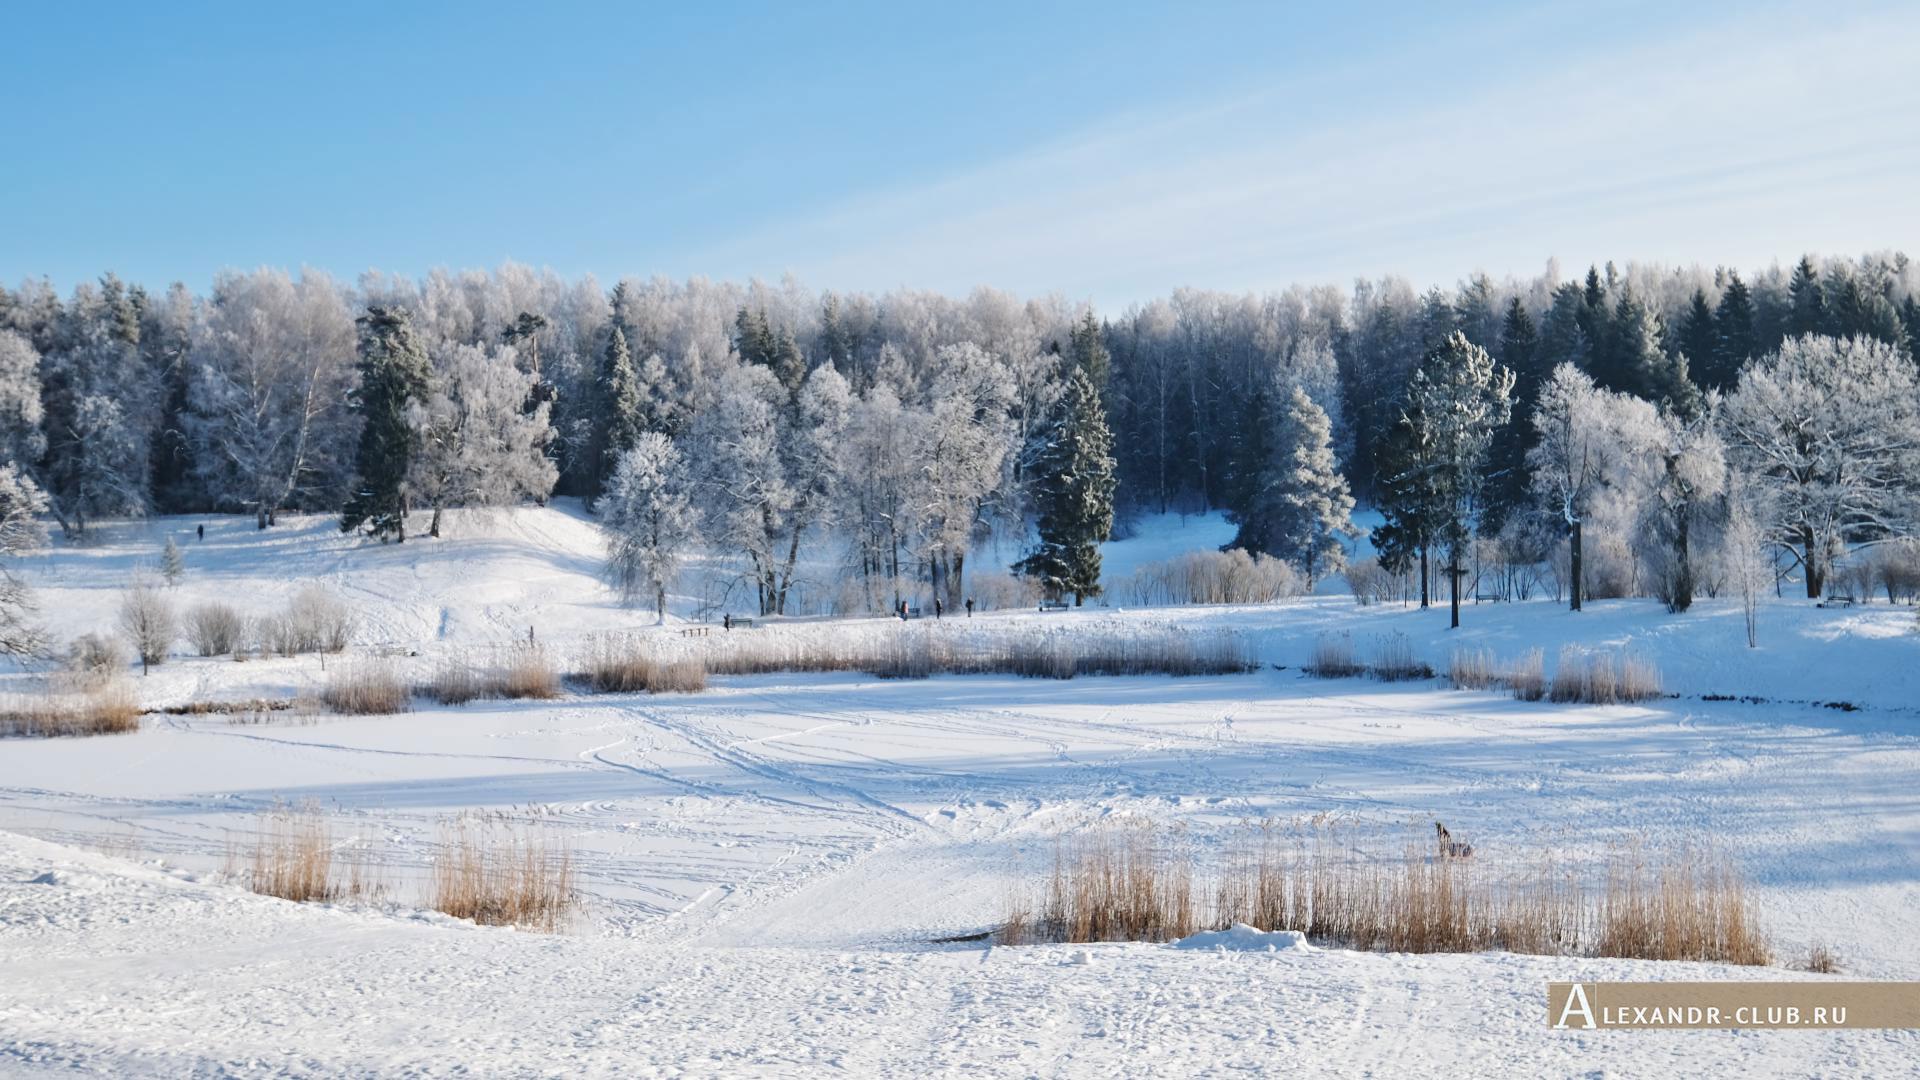 Павловск, зима, Павловский парк, Круглое озеро